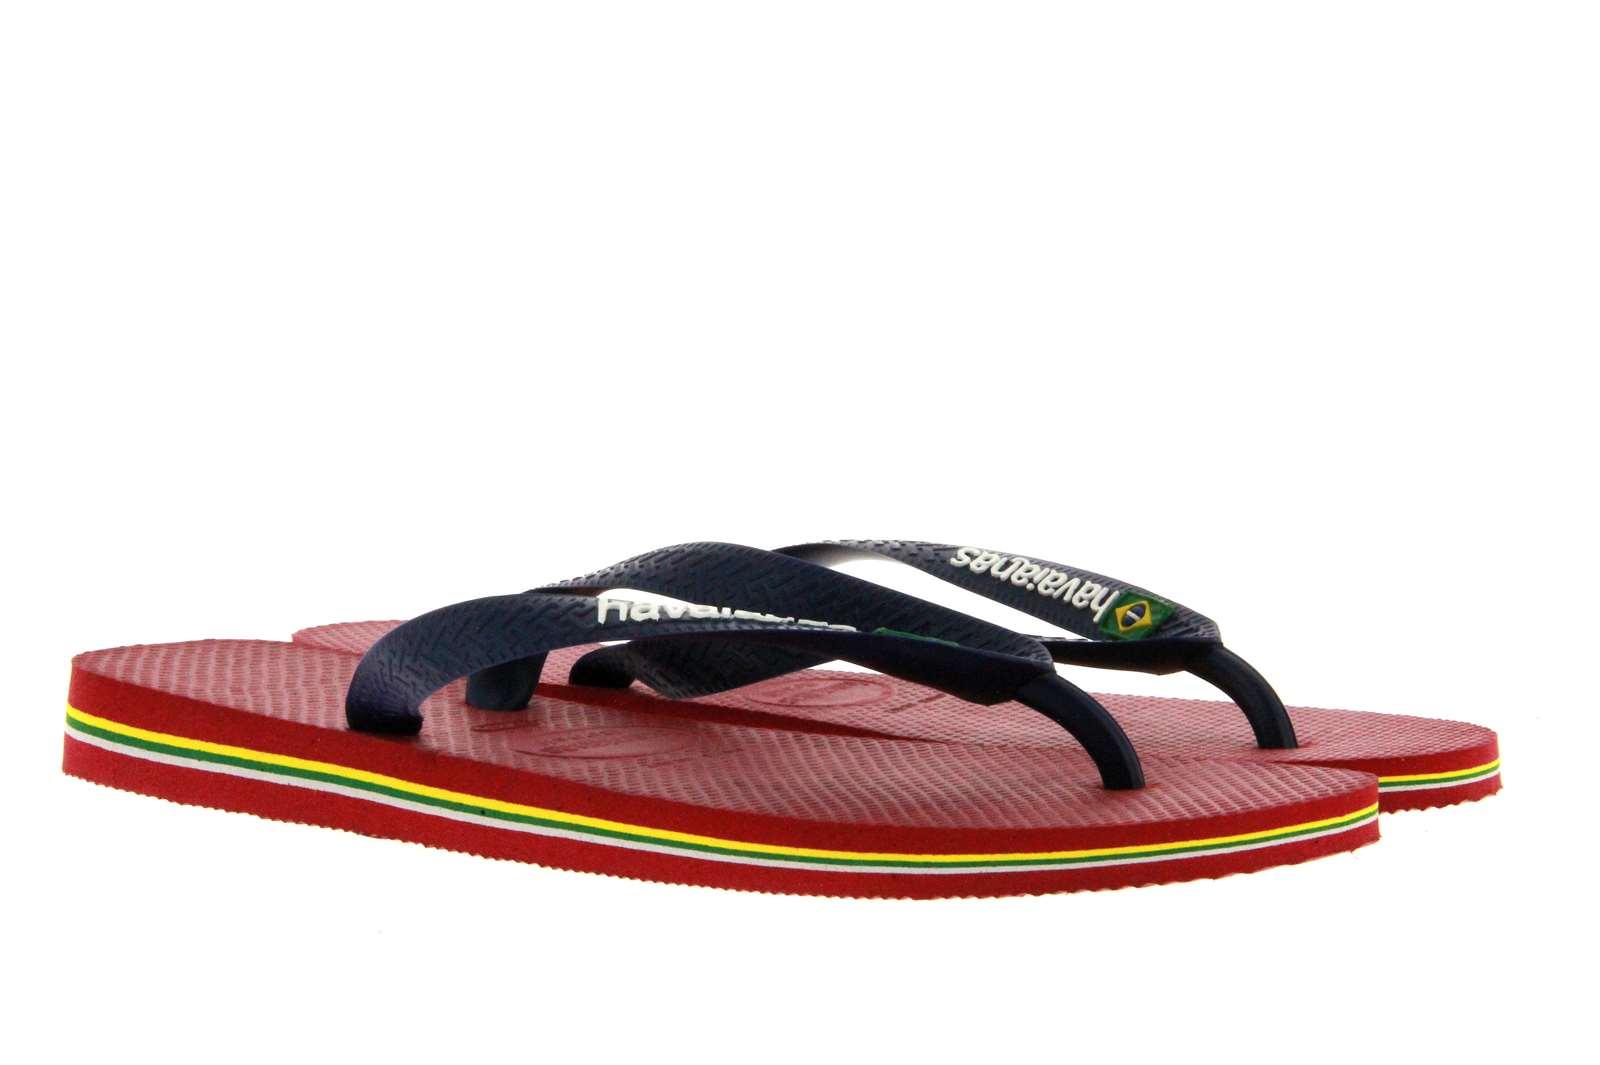 Havaianas toe sandal MEN BRASIL LOGO RED